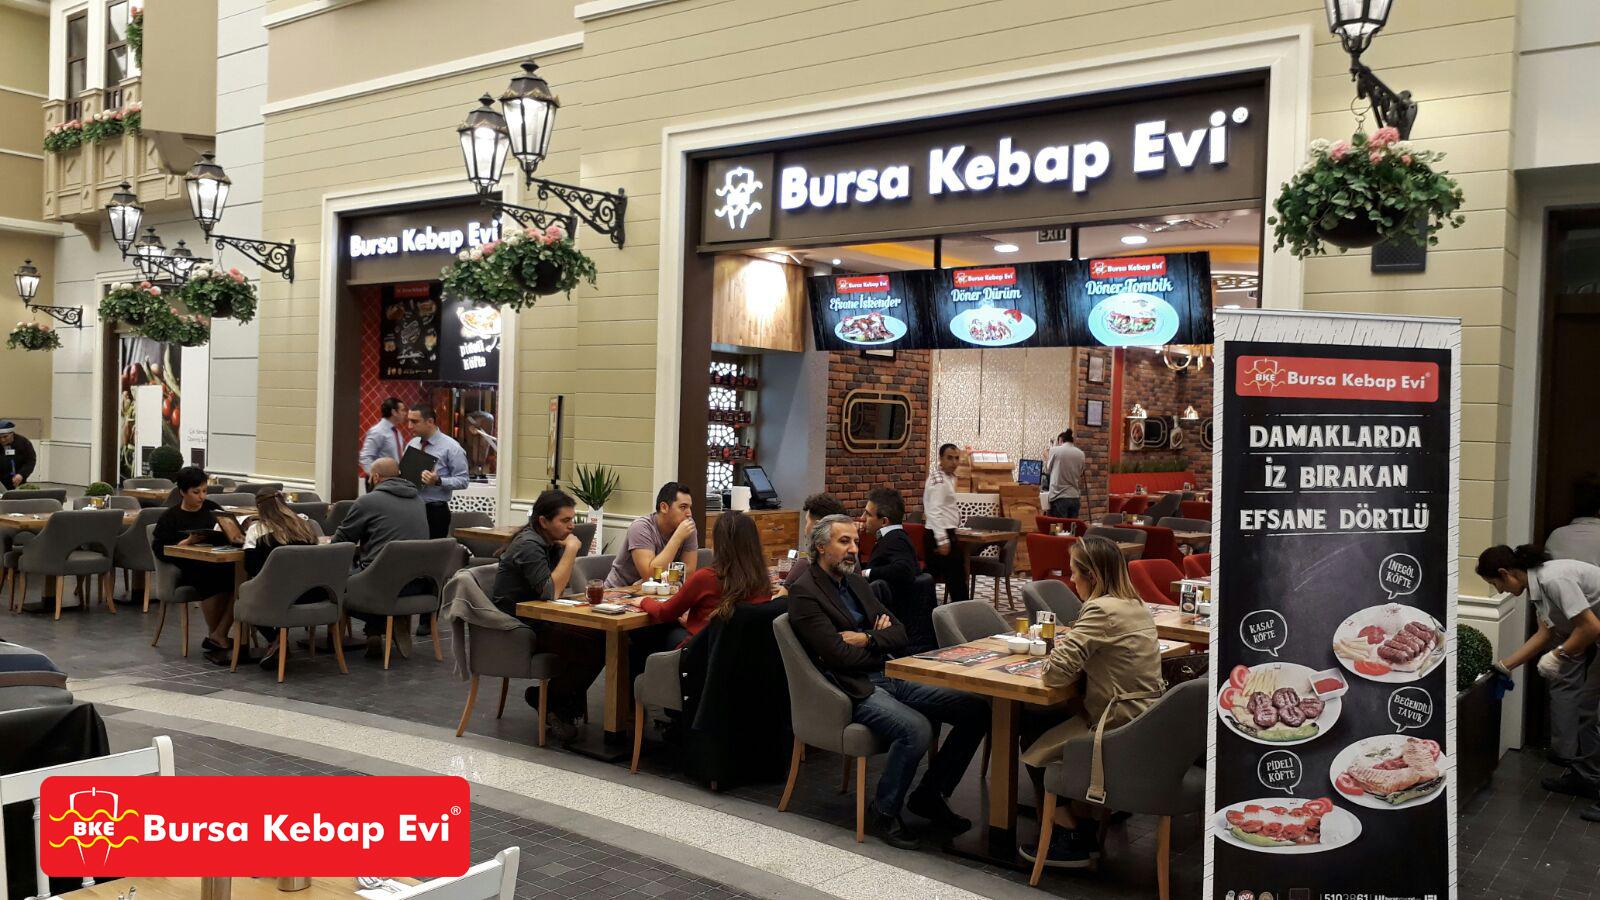 Bursa Kebap Evi Ortadoğu hedefi için imzaları attı!